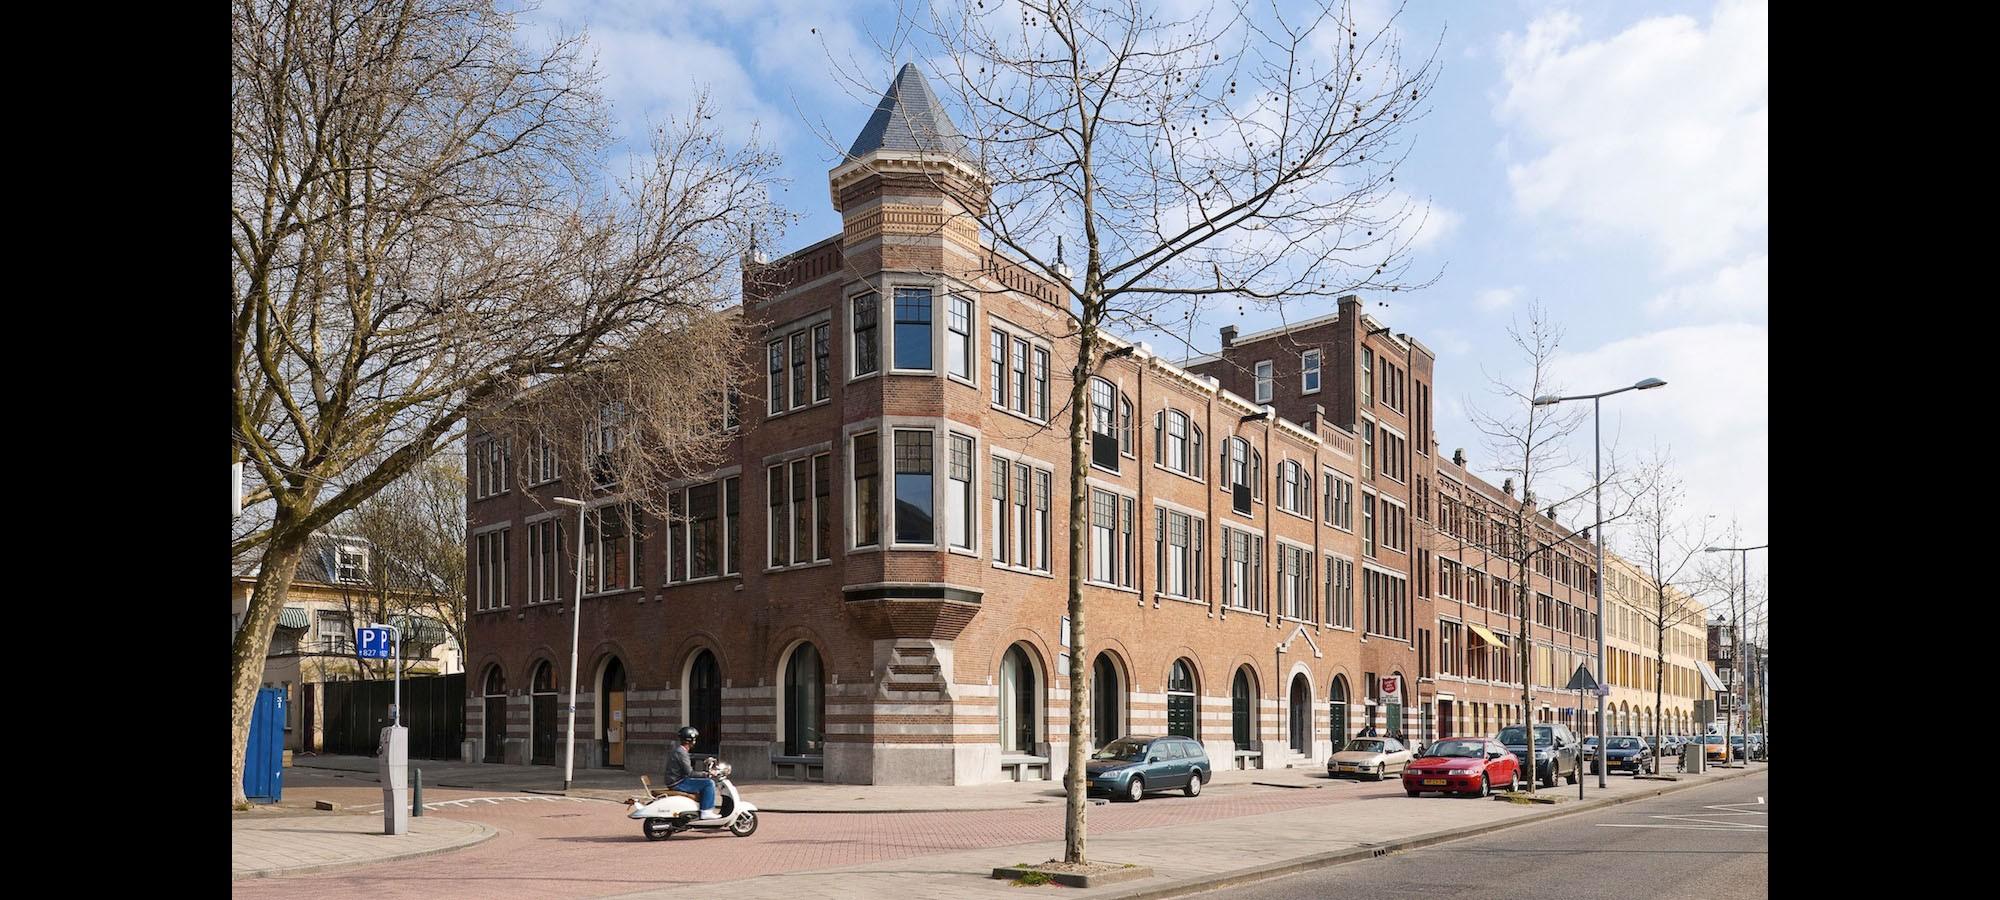 Ten Hope Kantoren en Lyceum  Rotterdam  © drost + van veen architecten bv